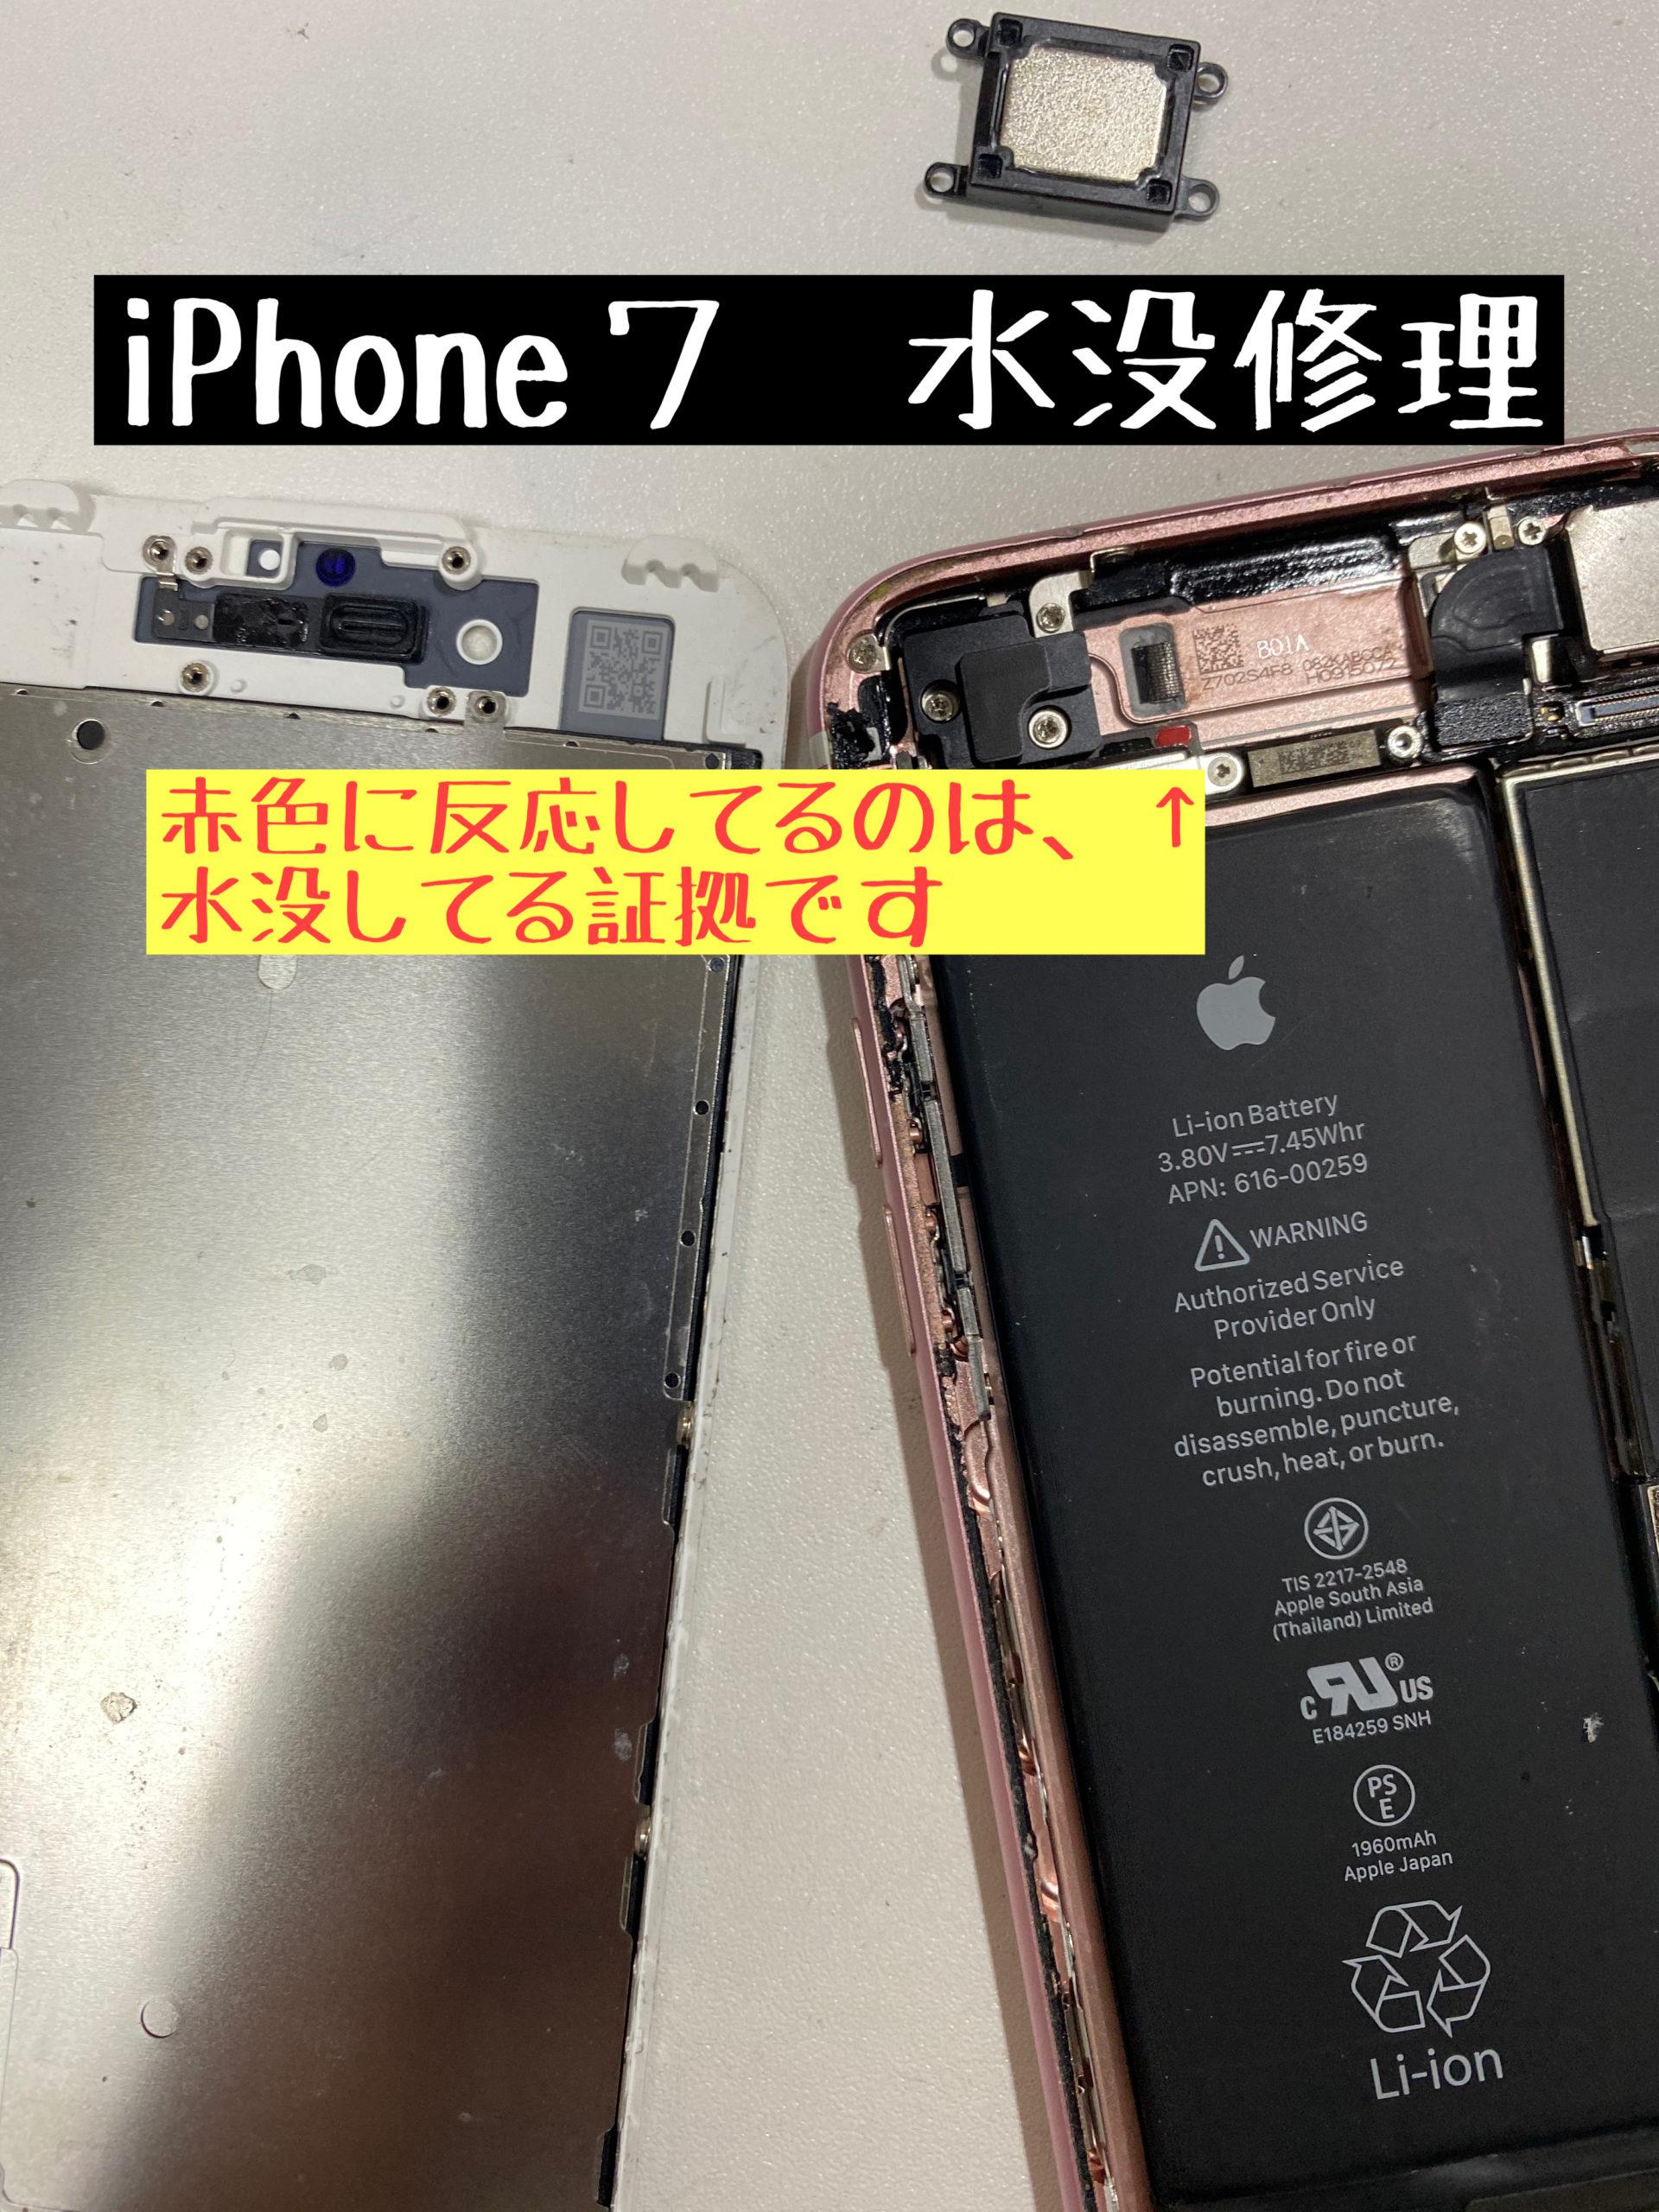 水没修理 スマホ iPhone アイフォン お風呂に落とした トイレに落とした データ消えない